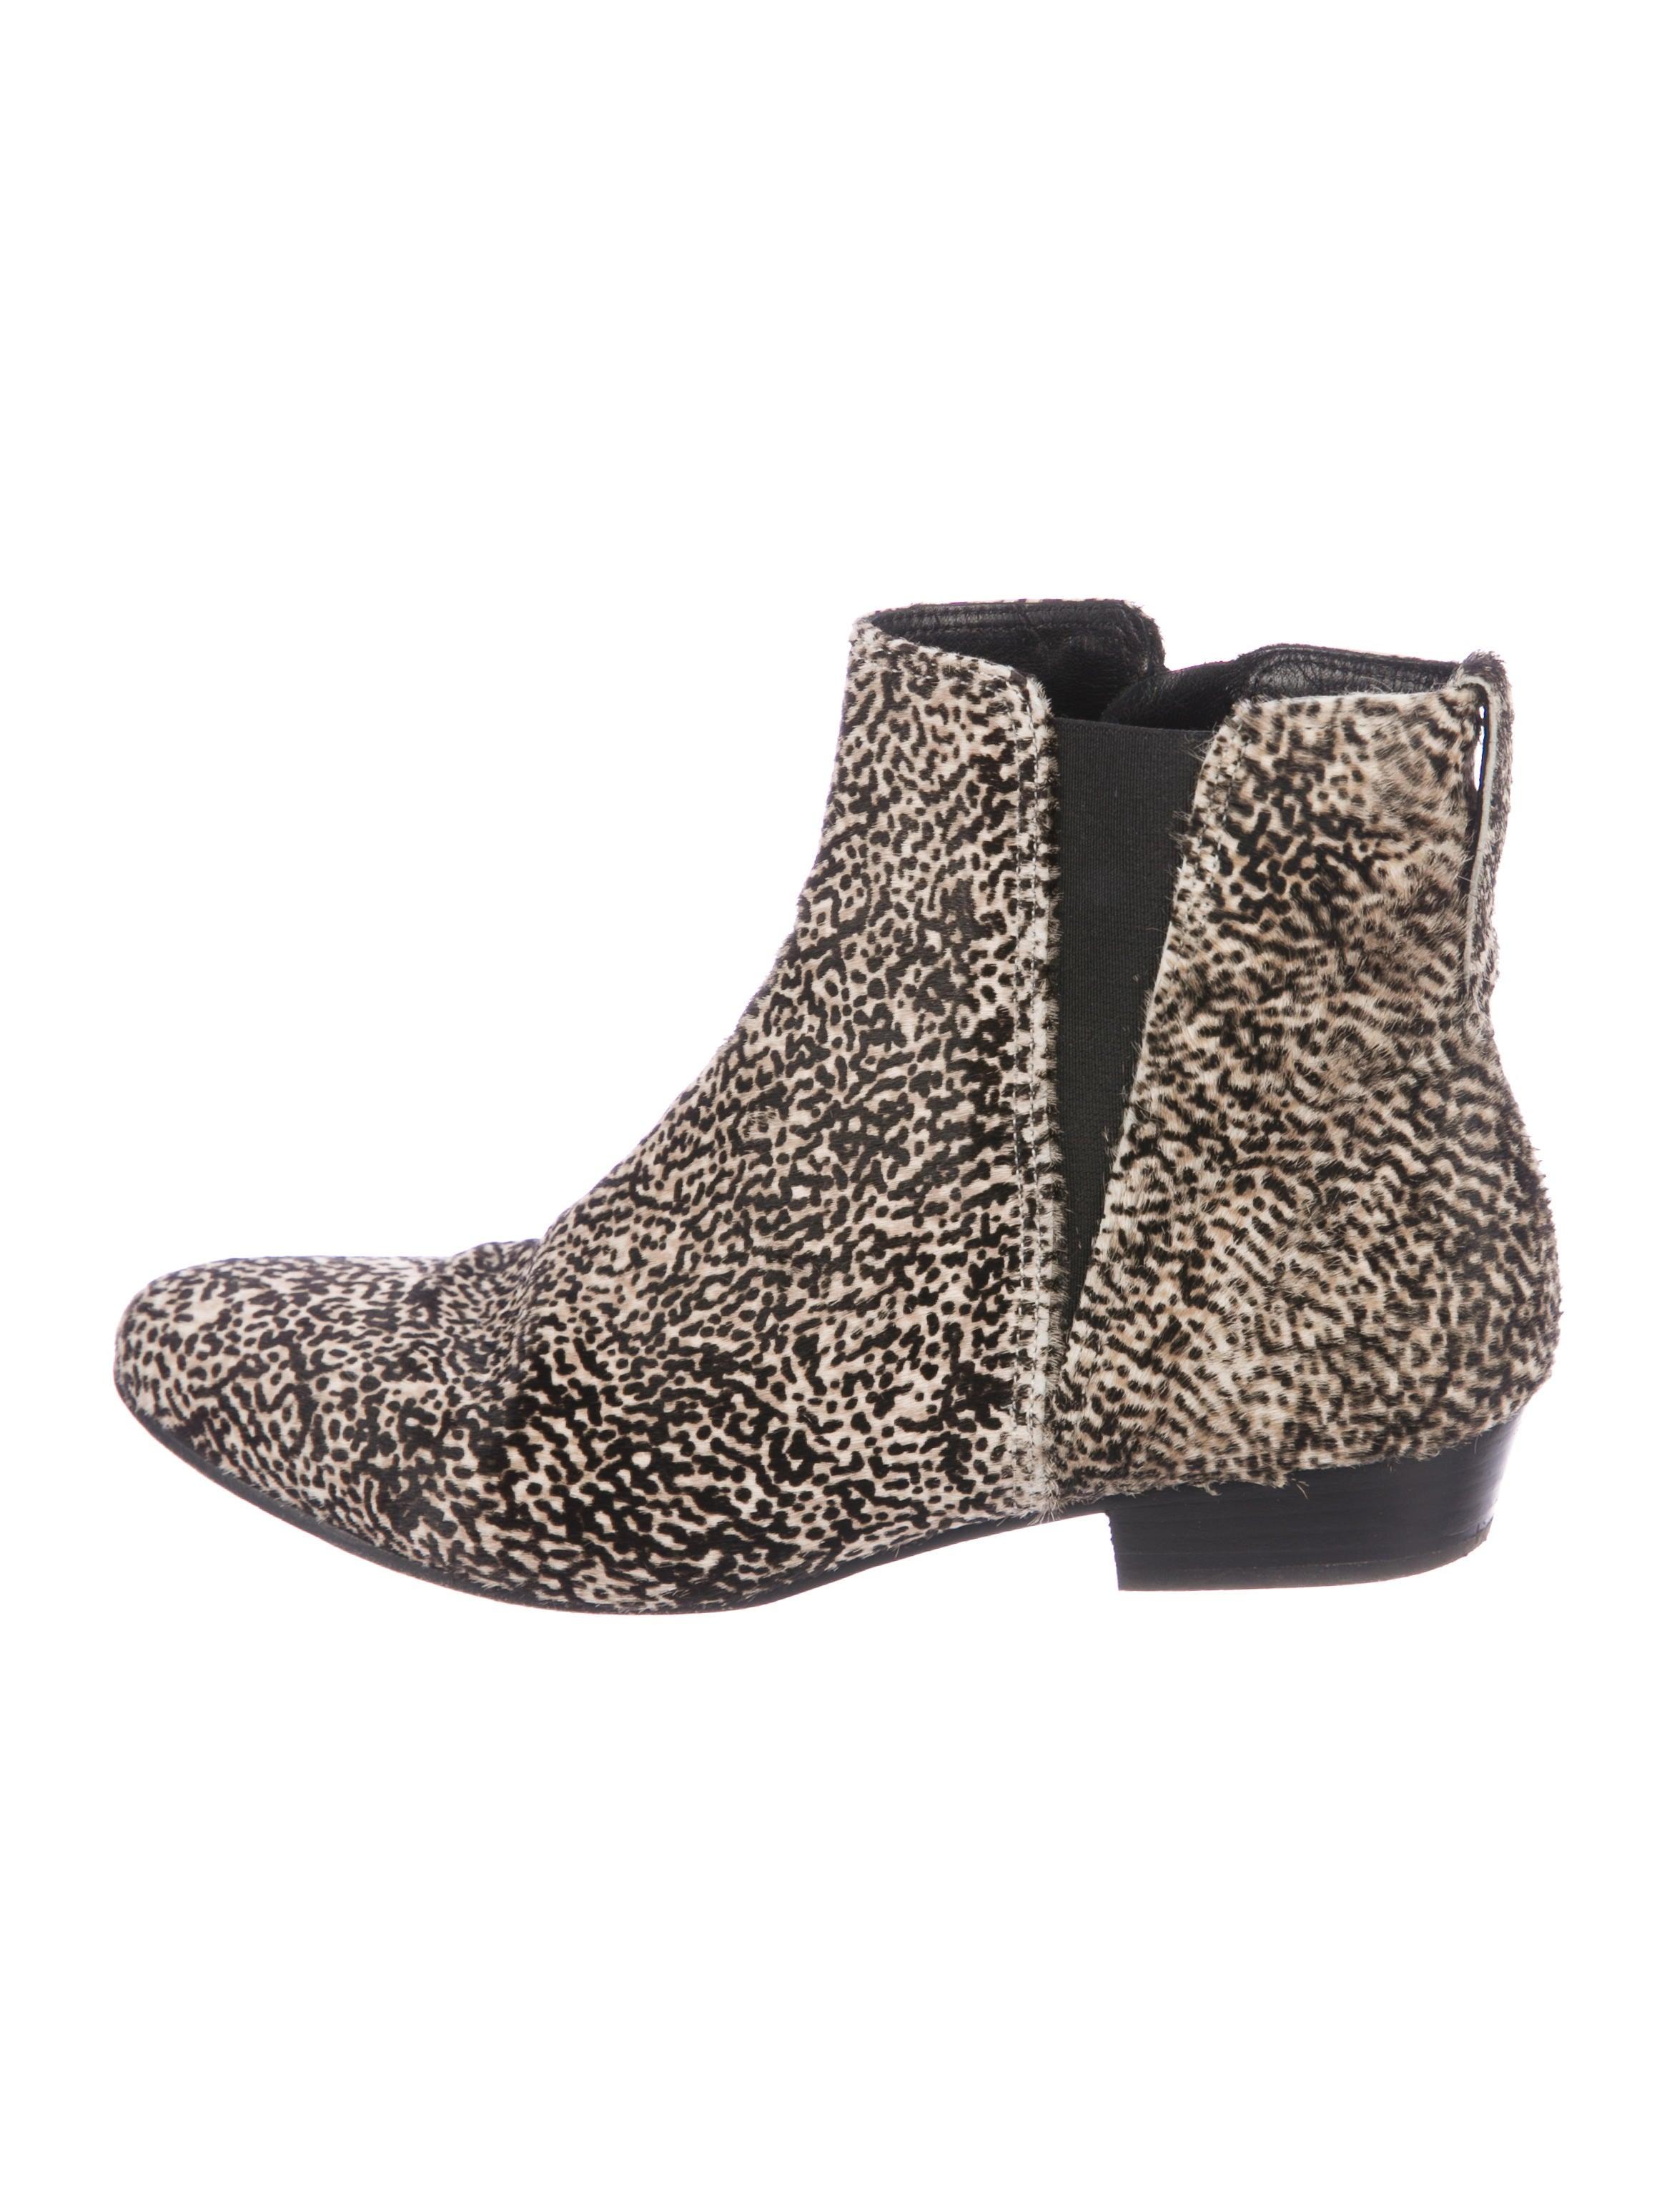 Étoile Isabel Marant Ponyhair Patsha Booties sale shop offer authentic cheap online aLFXCMCKz